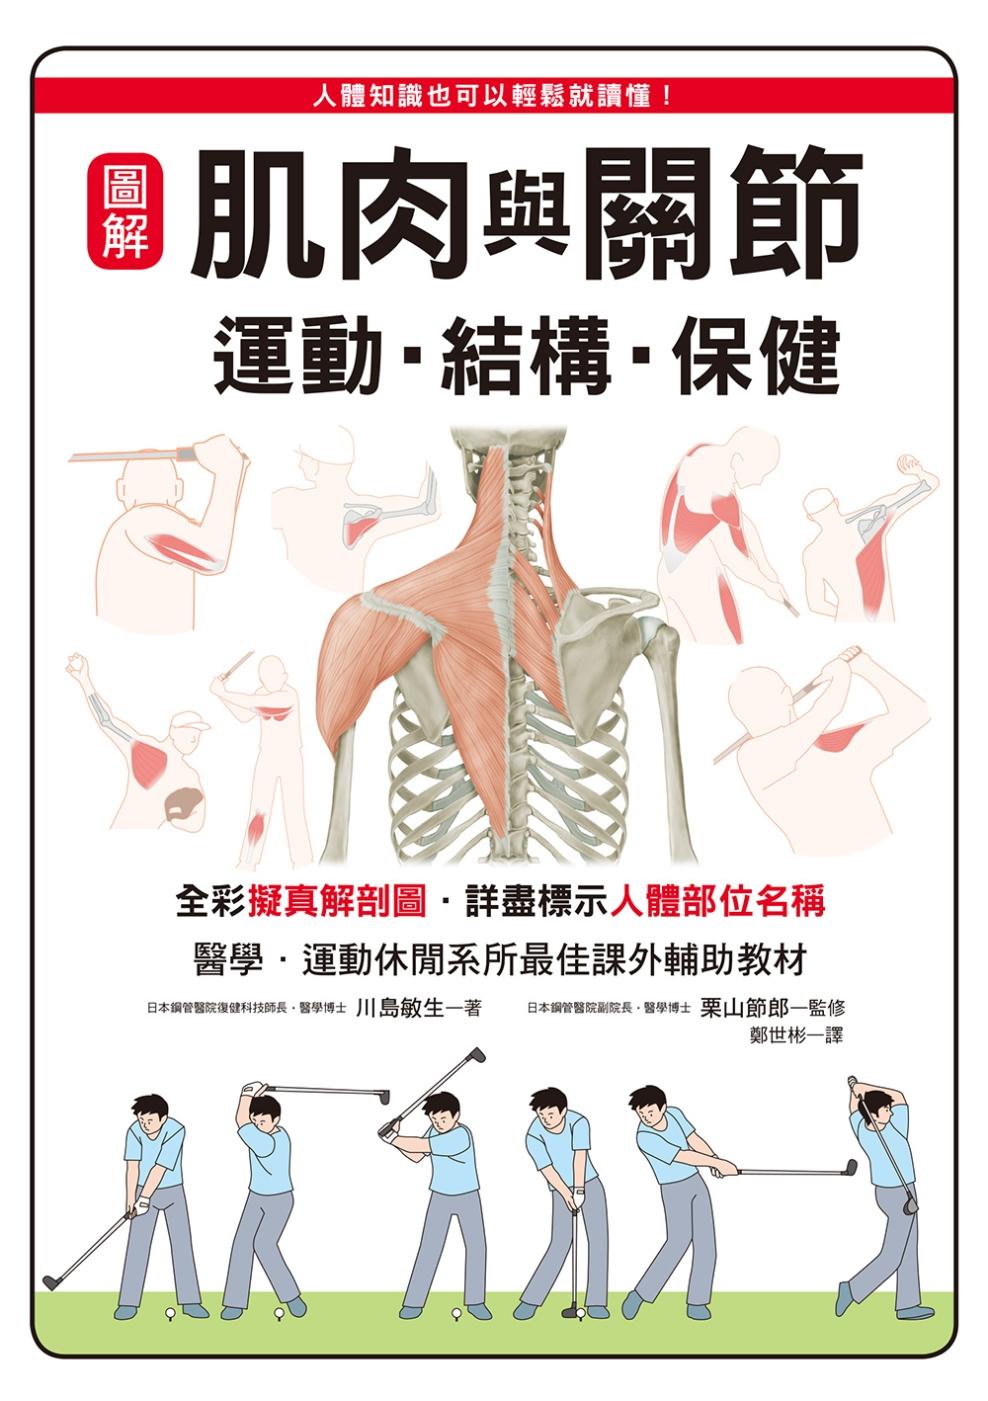 圖解 肌肉與關節 運動?結構?保健:醫學、運動休閒系所最佳課外輔助教材!